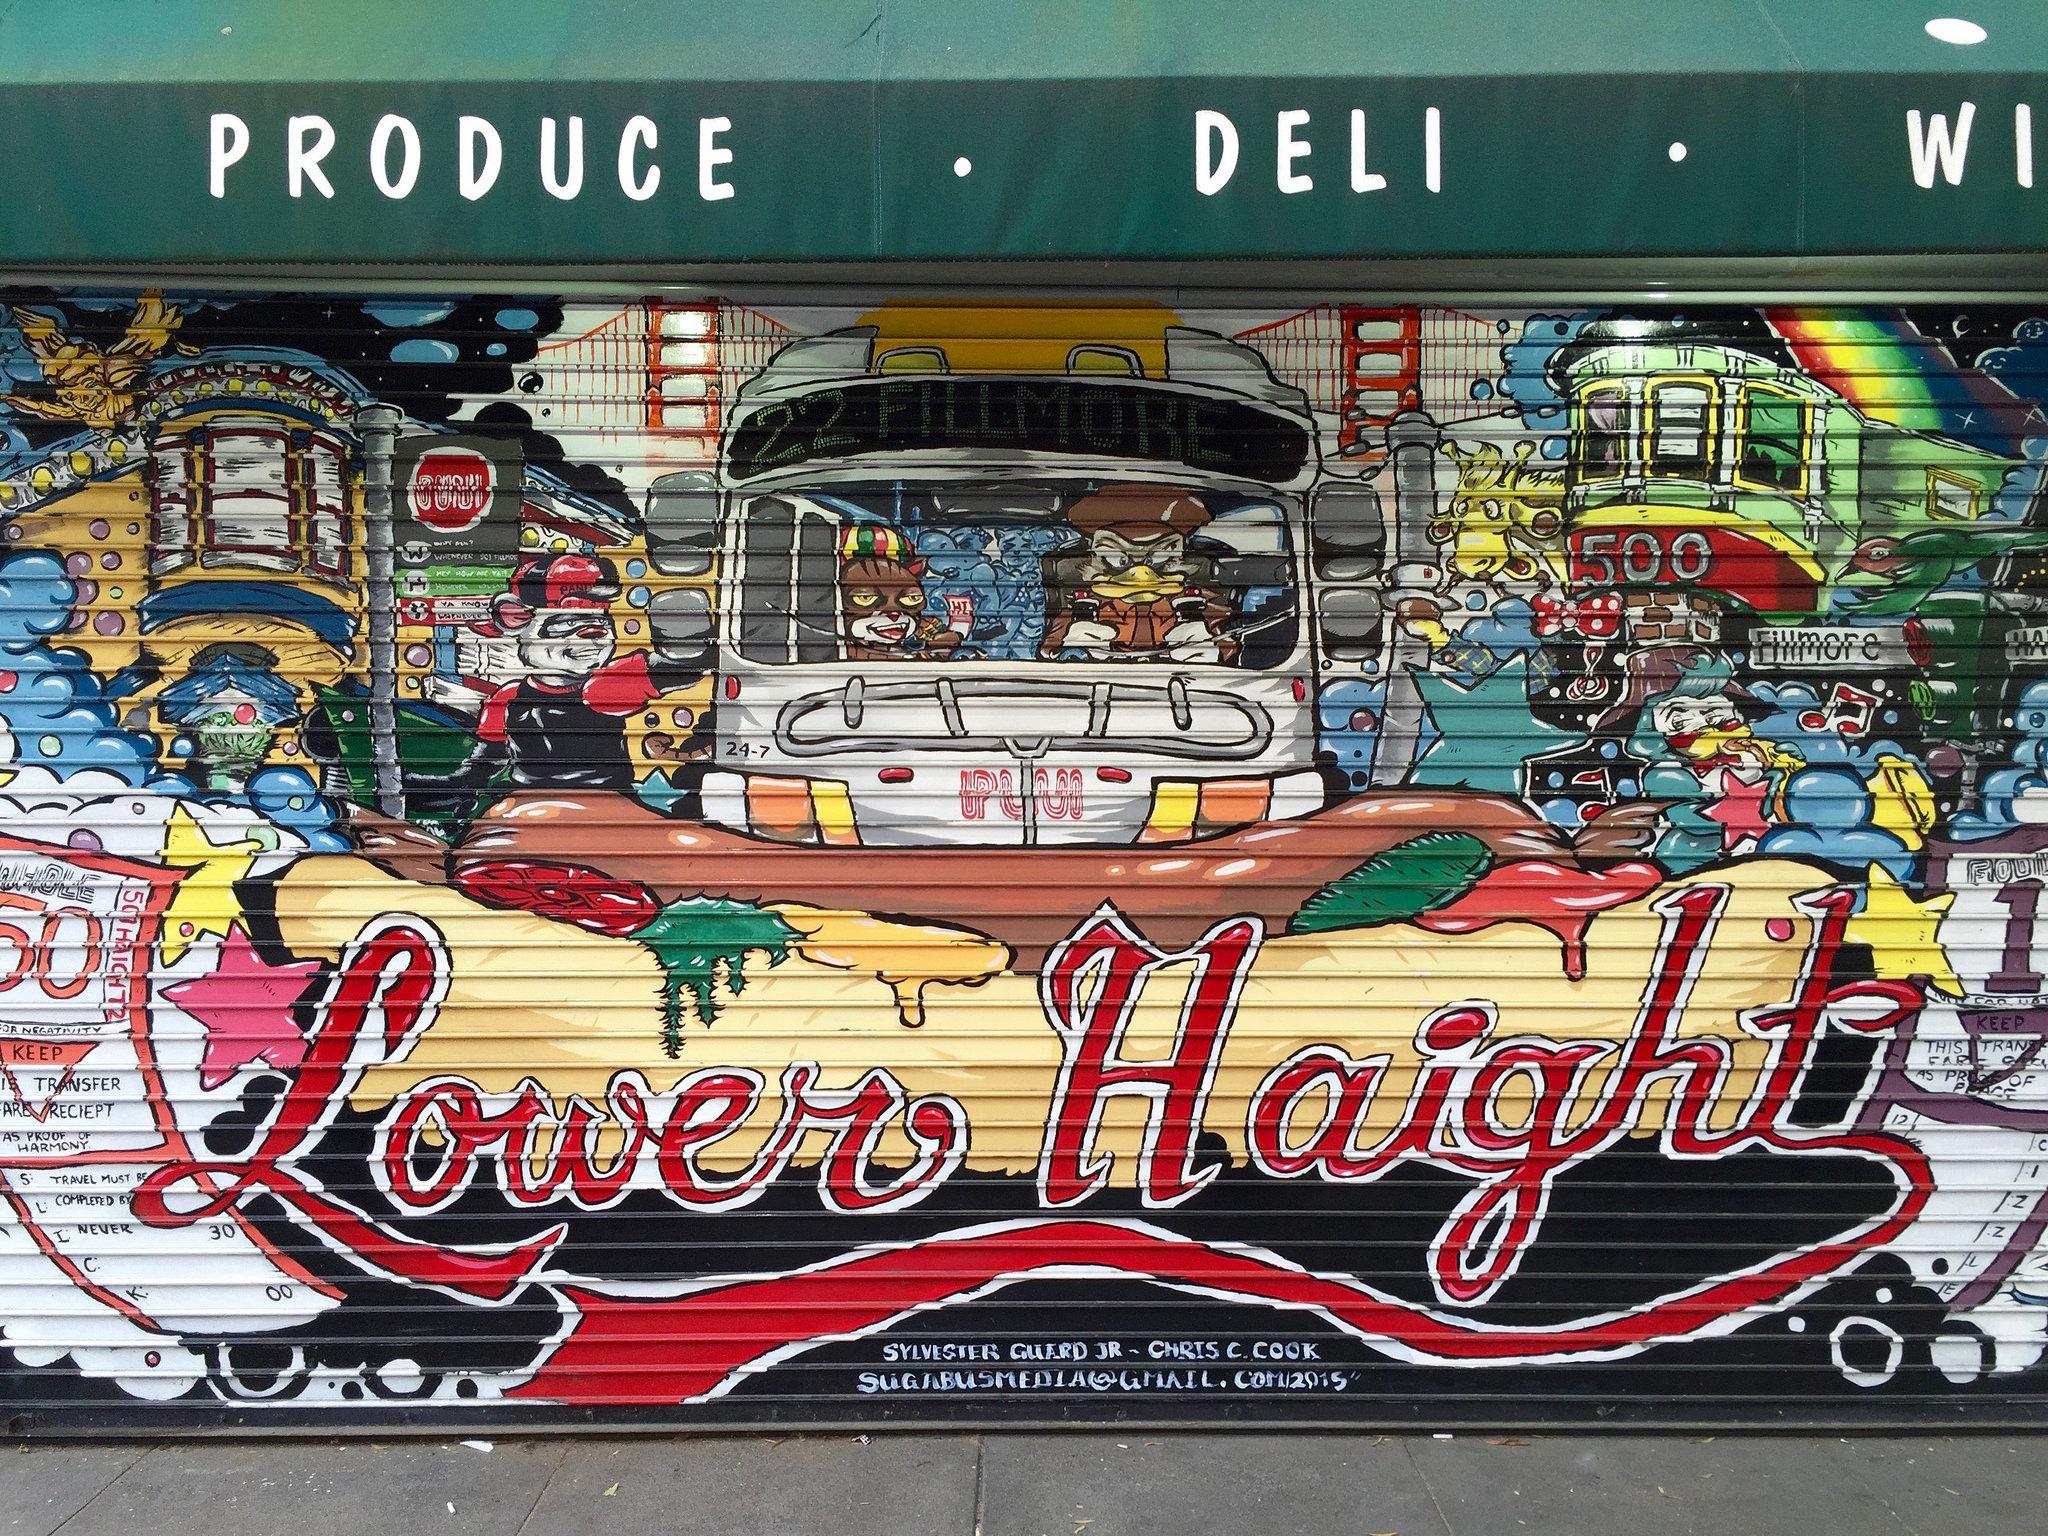 Lower Haight mural.